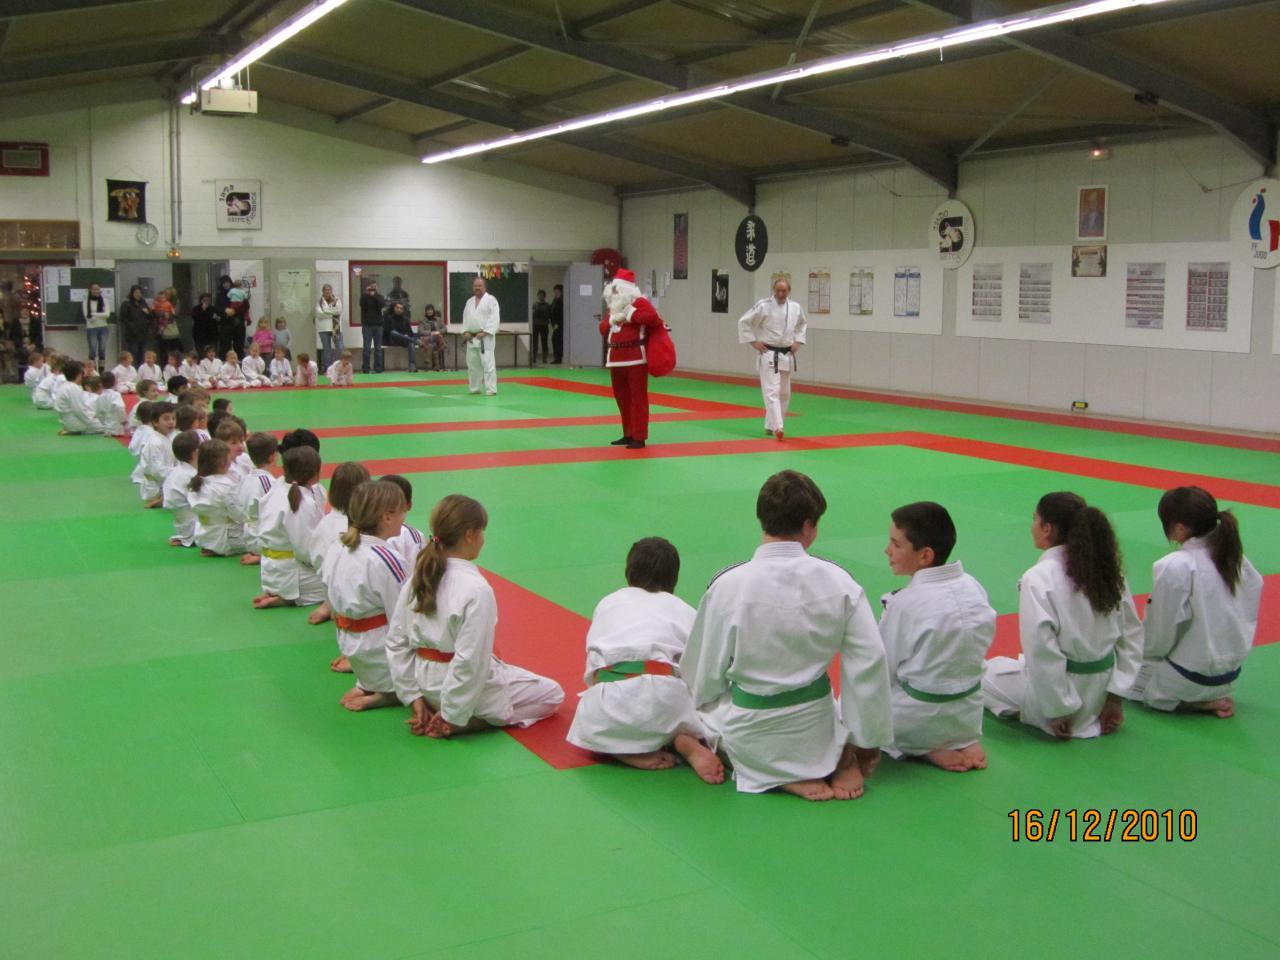 Fête de Noel 16 décembre 2010